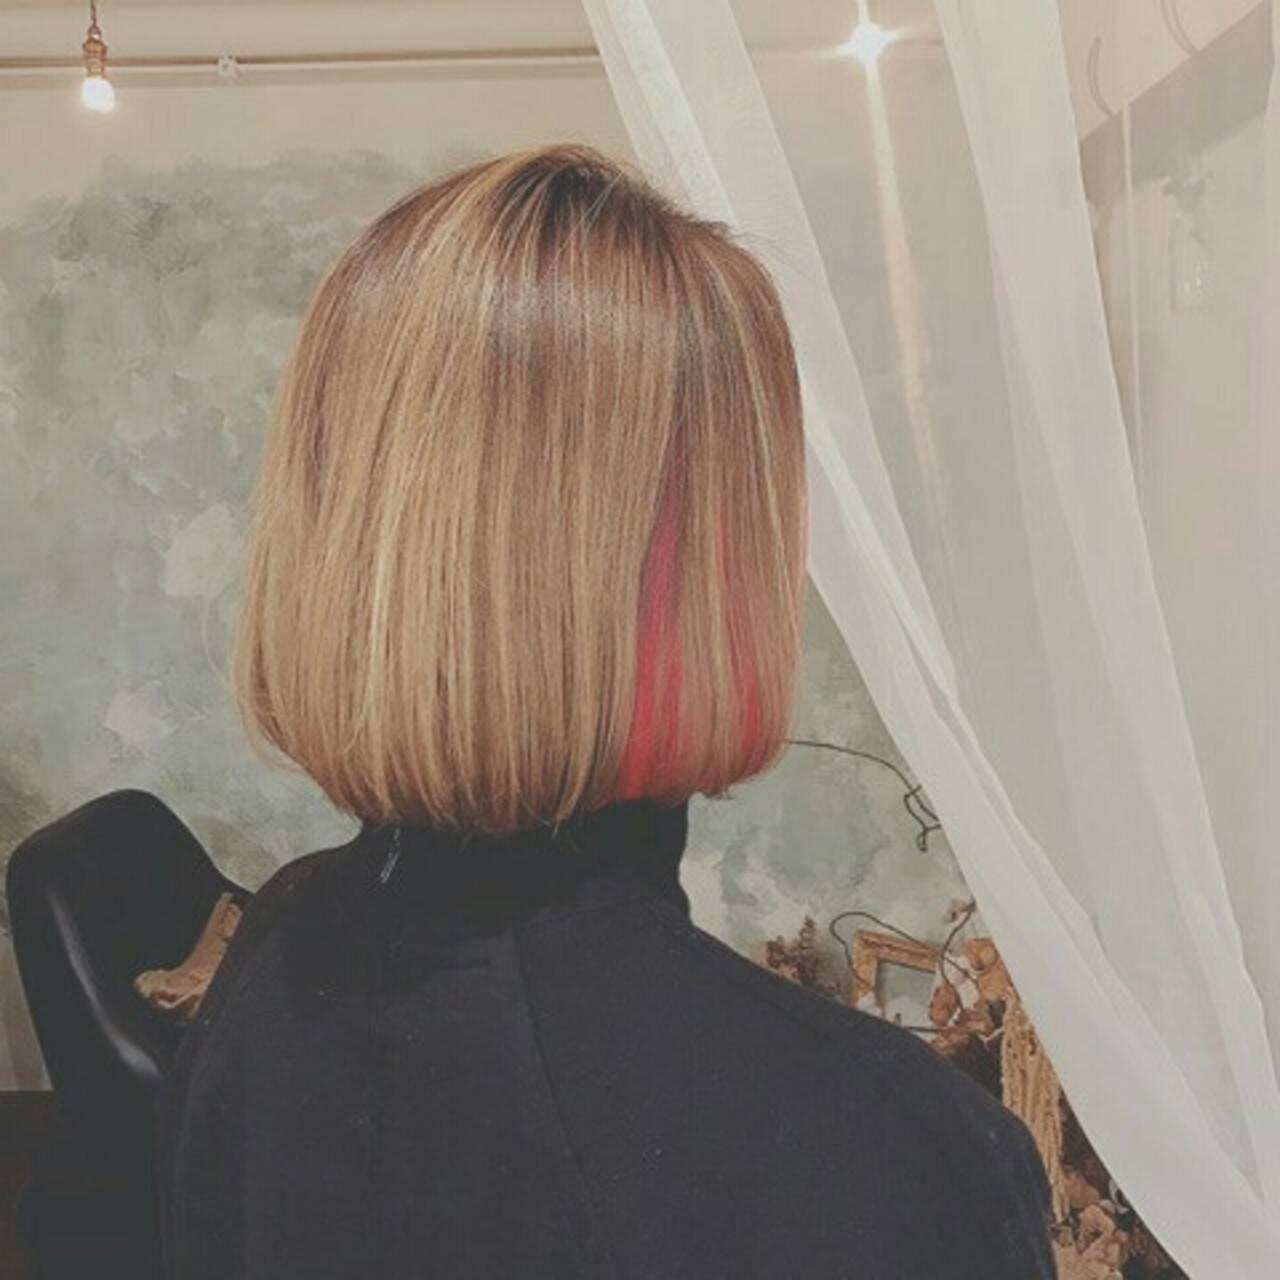 春 ハイライト インナーカラー ミディアムヘアスタイルや髪型の写真・画像